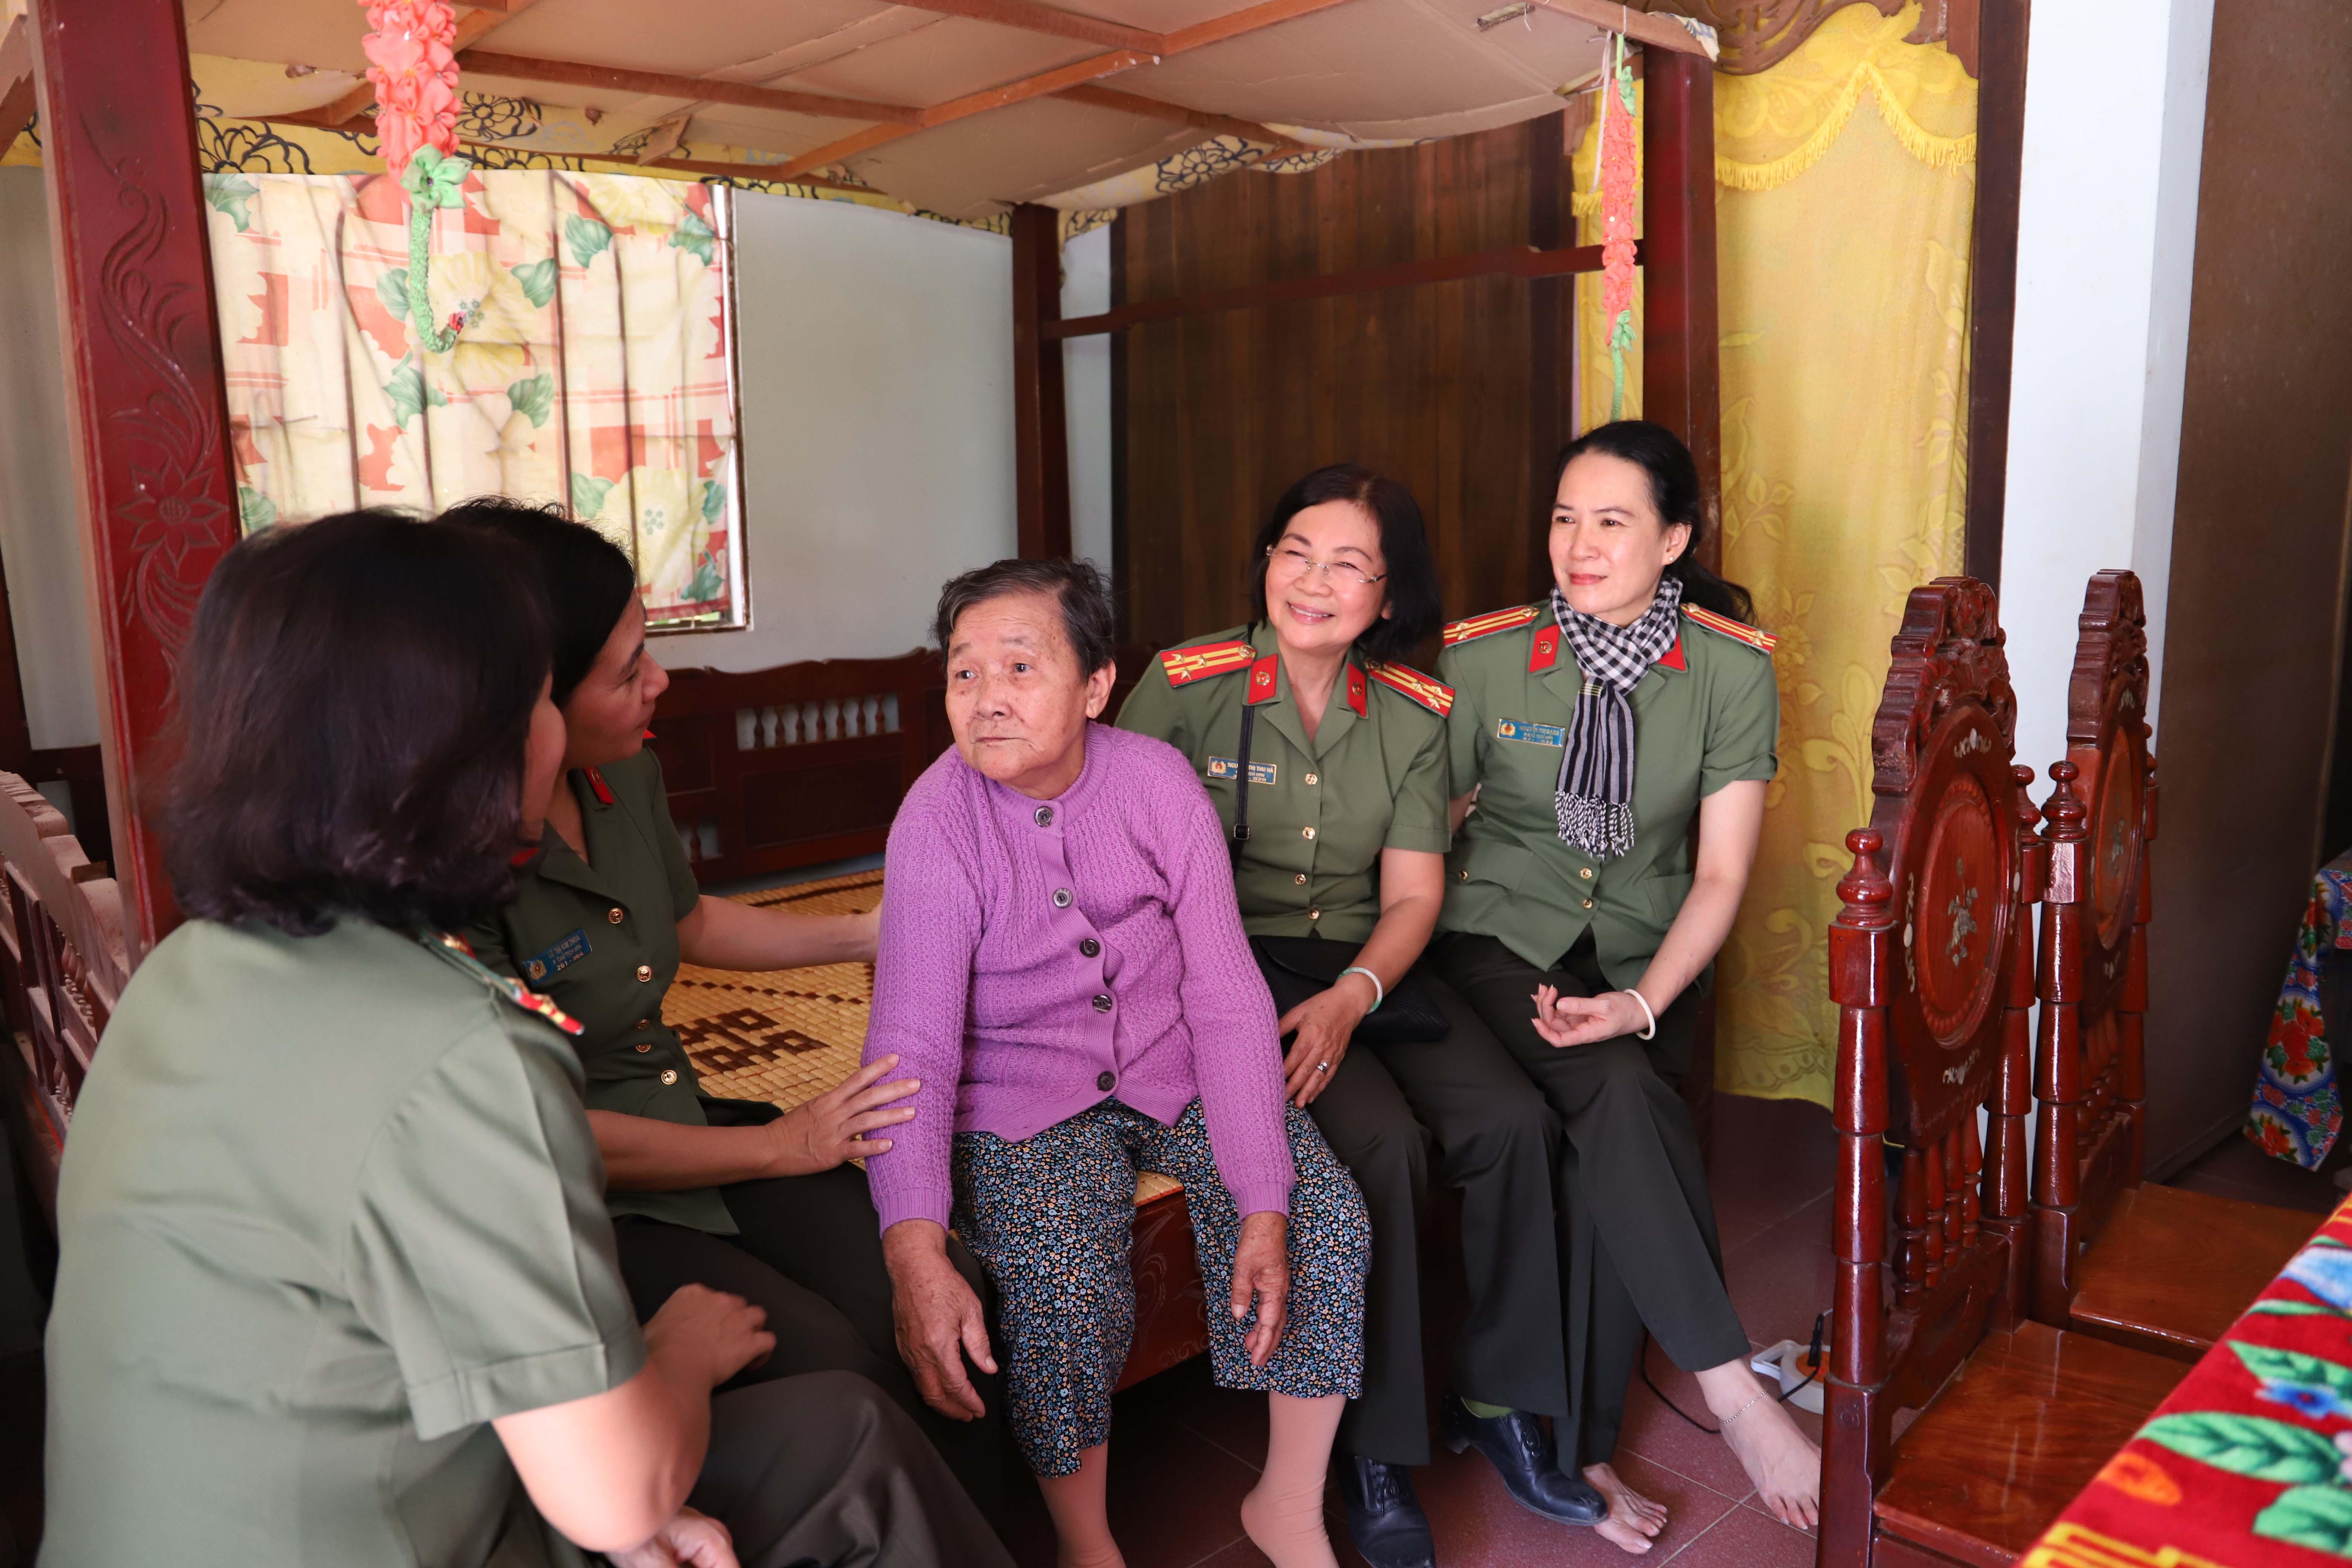 Dì Huỳnh Thị Cúc kể lại những năm tham gia Đội quân tóc dài, bị địch bắt, tra tấn nhiều lần.